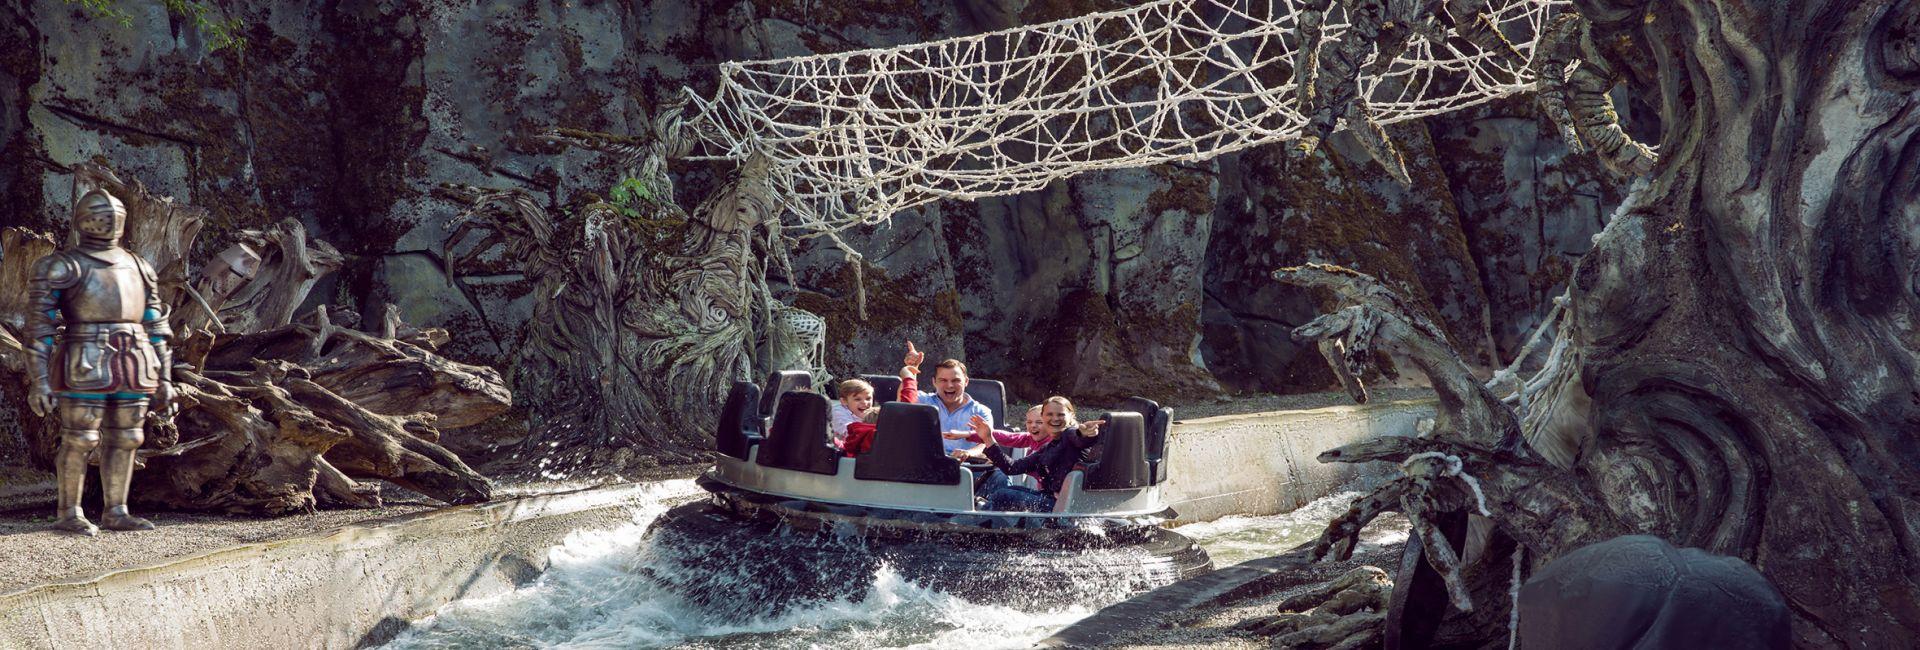 Movie Park Wasserbahn Boot